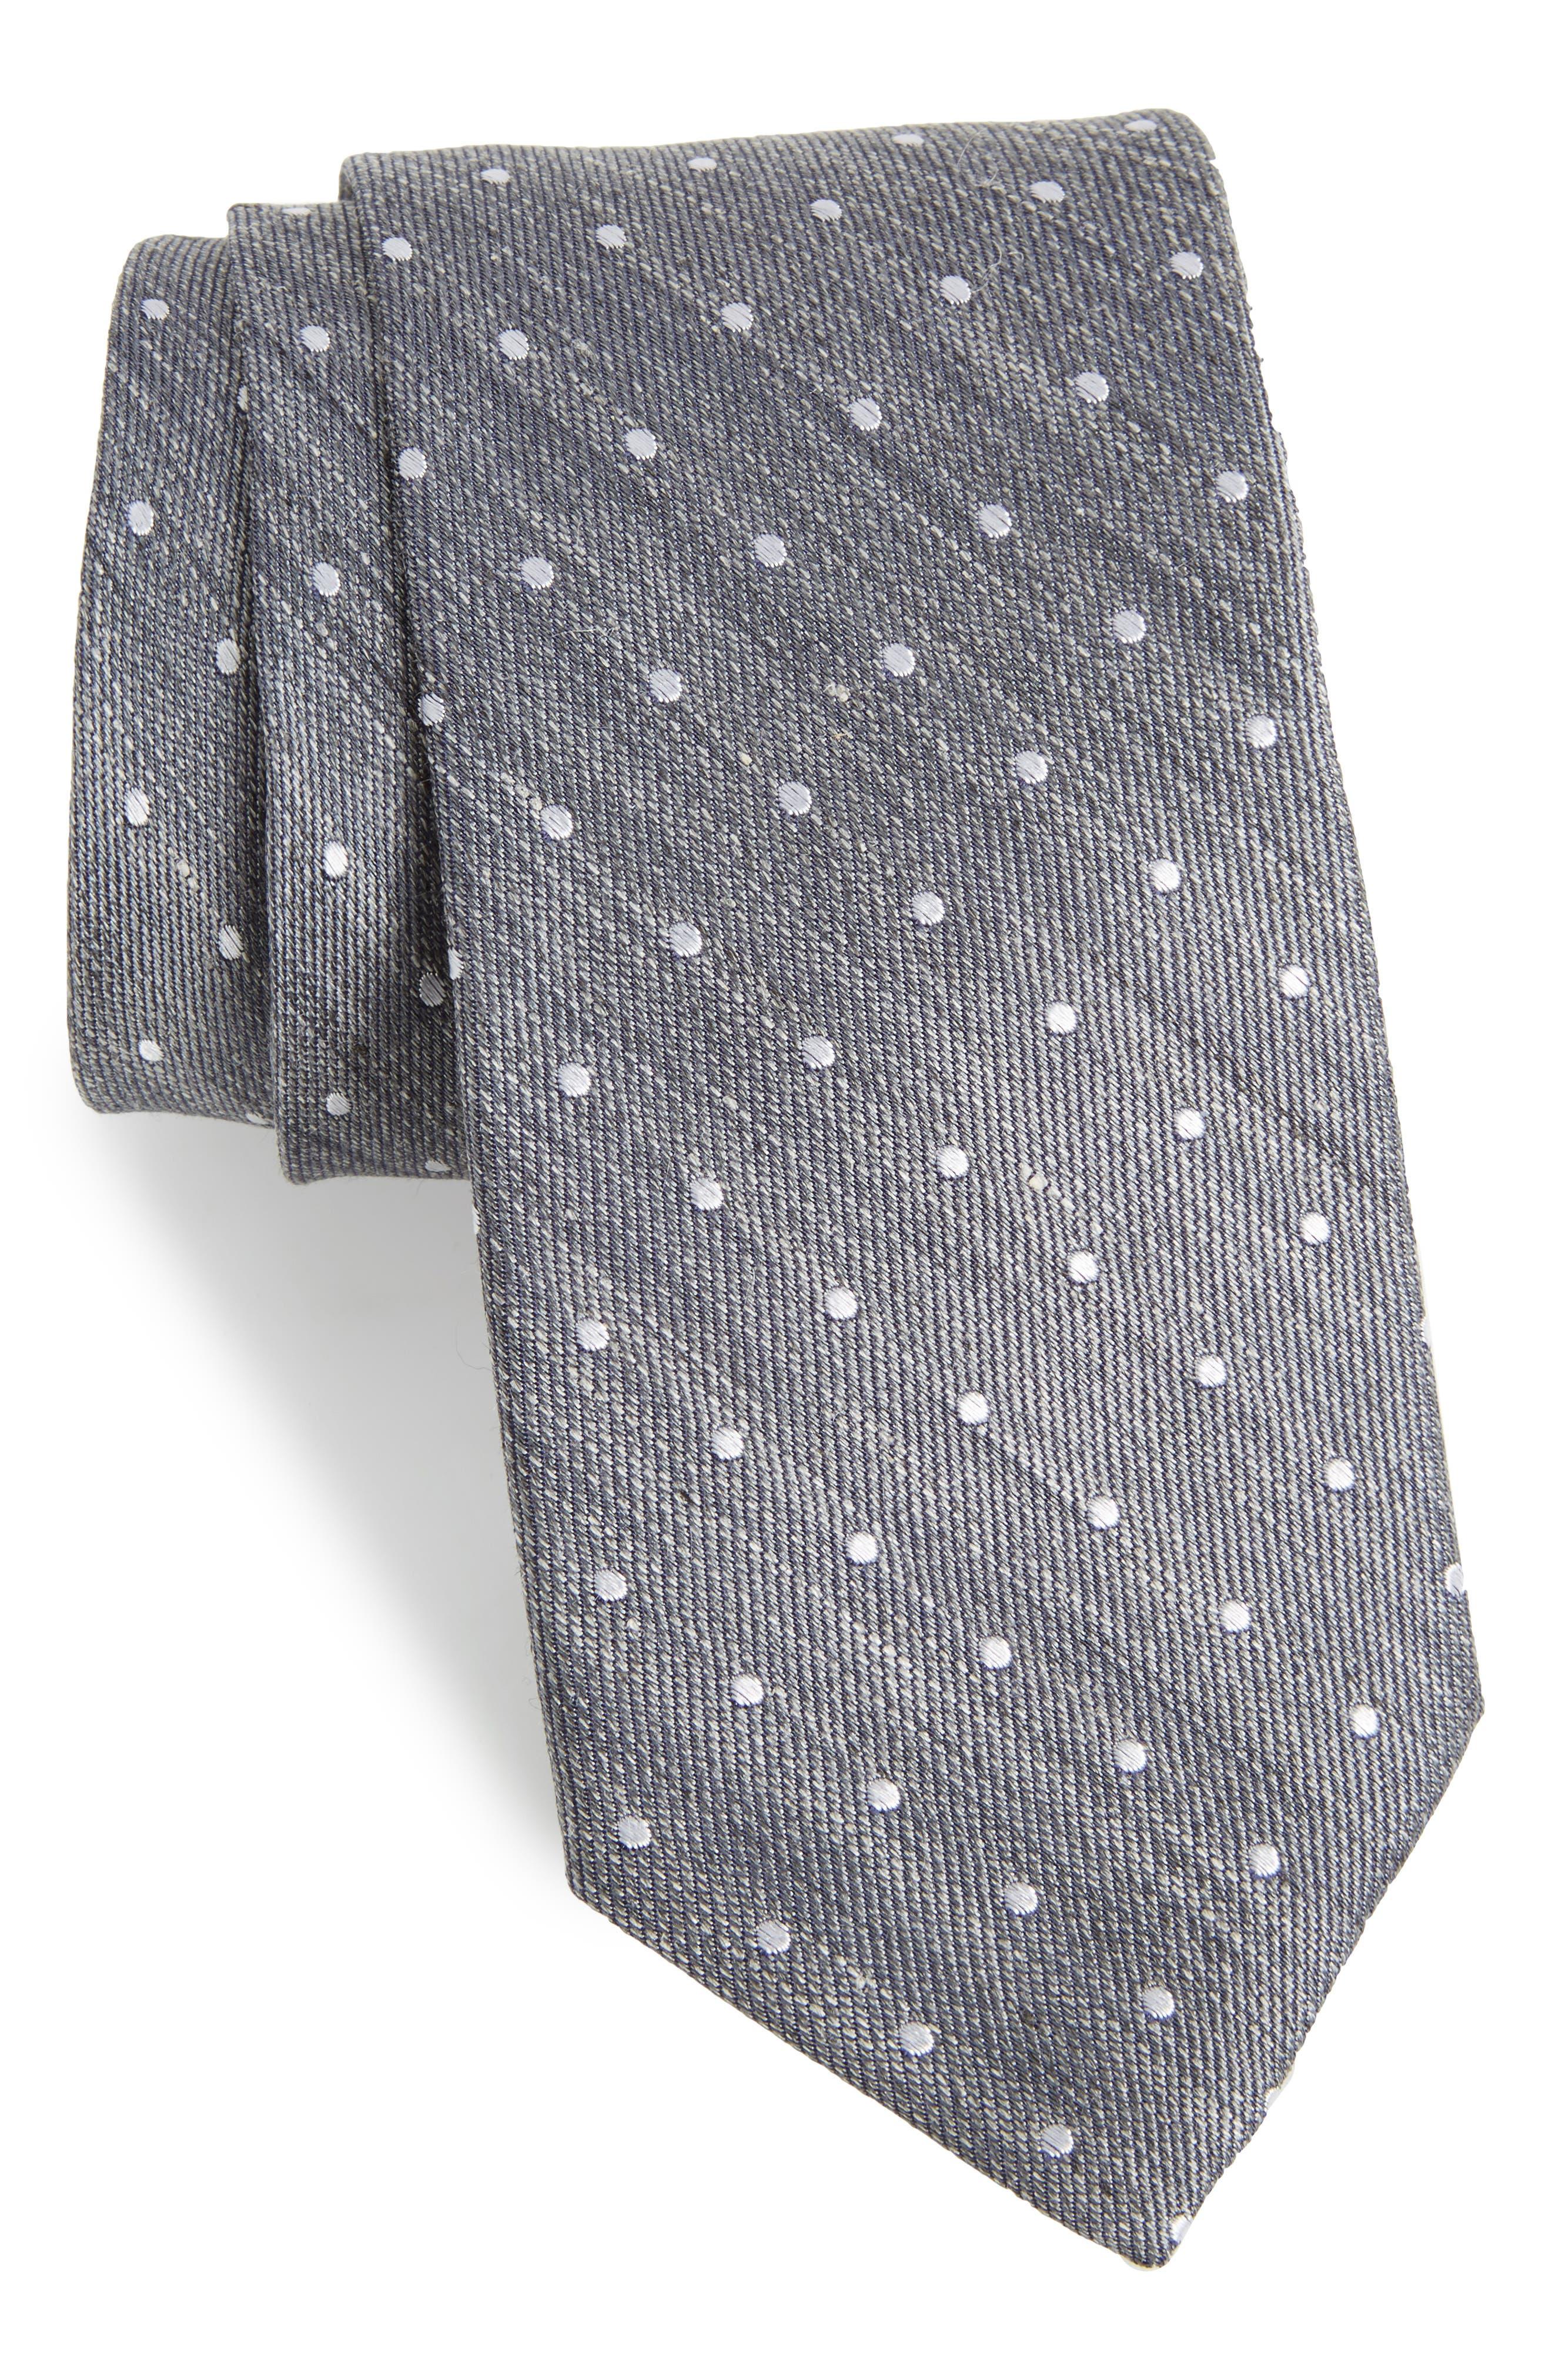 Bonobos Dot Silk & Linen Tie